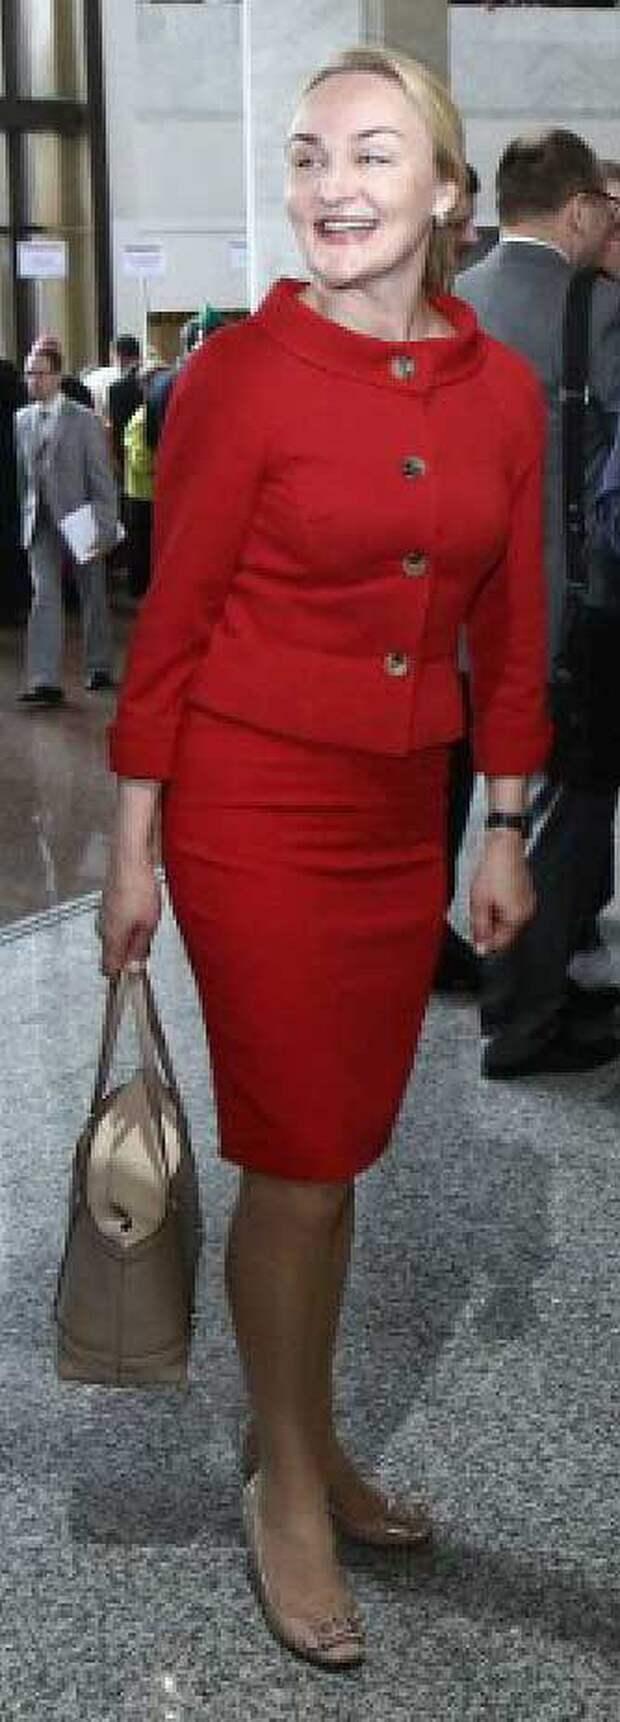 Предполагаемая мама Коли Ирина Абельская - главный врач Республиканского медицинского центра управления делами президента.